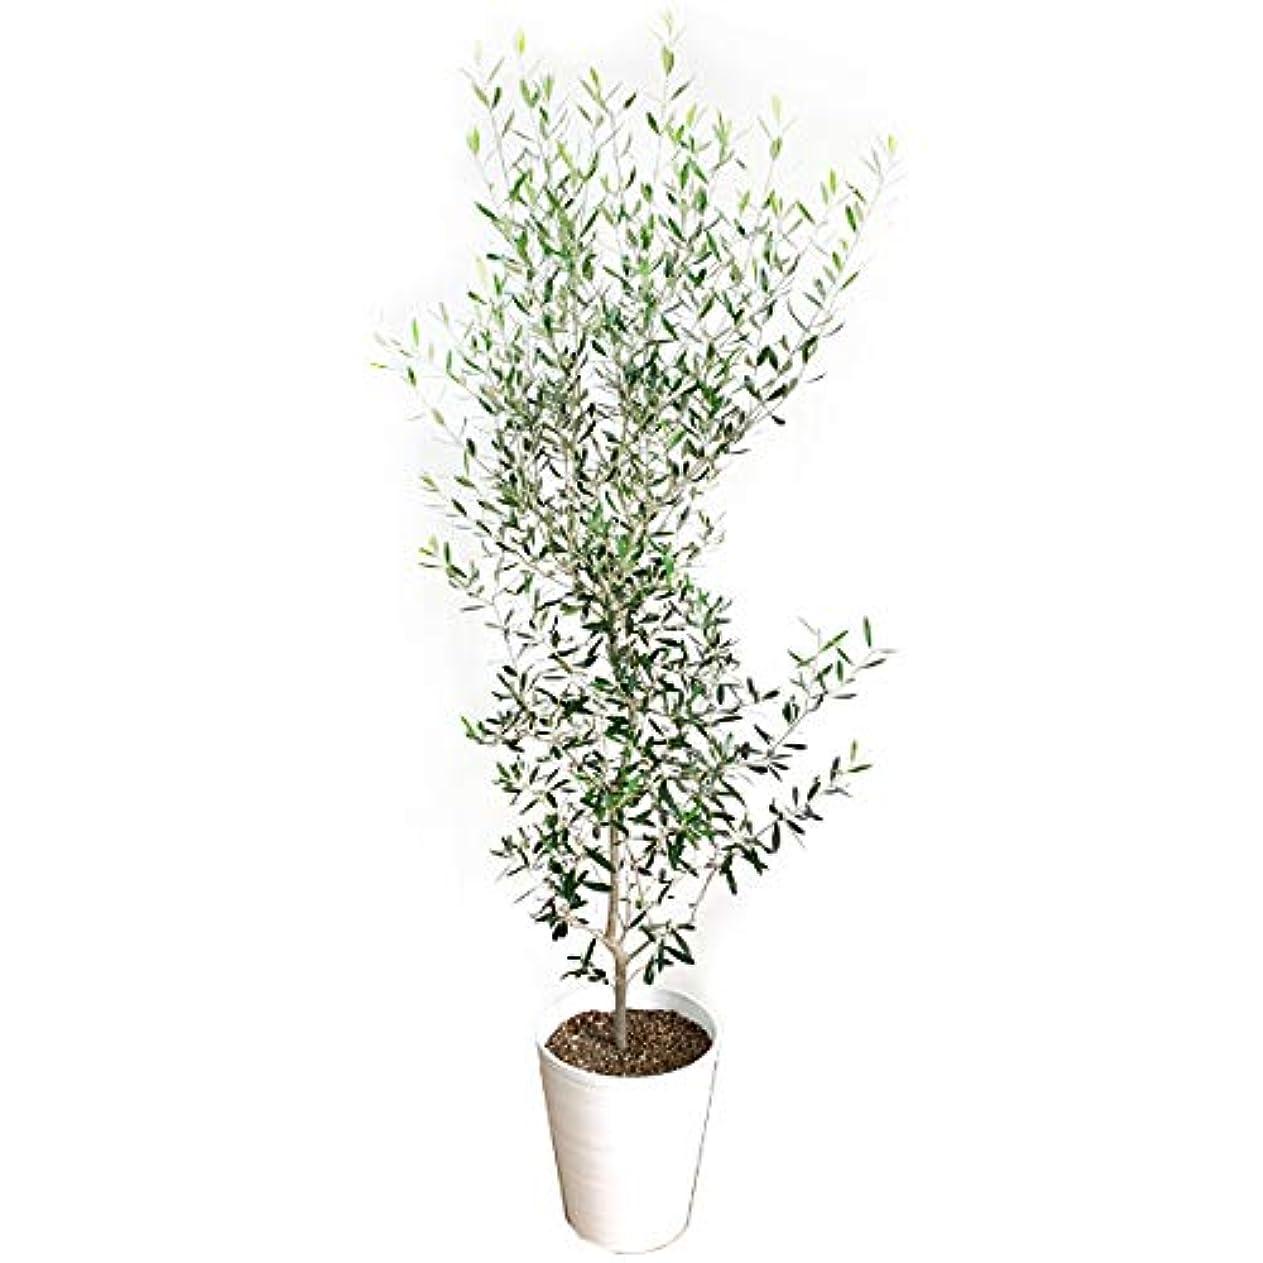 ポスターもちろん恐怖症オリーブの木 10号 ホワイトセラアート鉢 大鉢 大型 インテリア 庭木 鉢植え ガーデニング インテリア 観葉植物 大サイズ 本物 10号